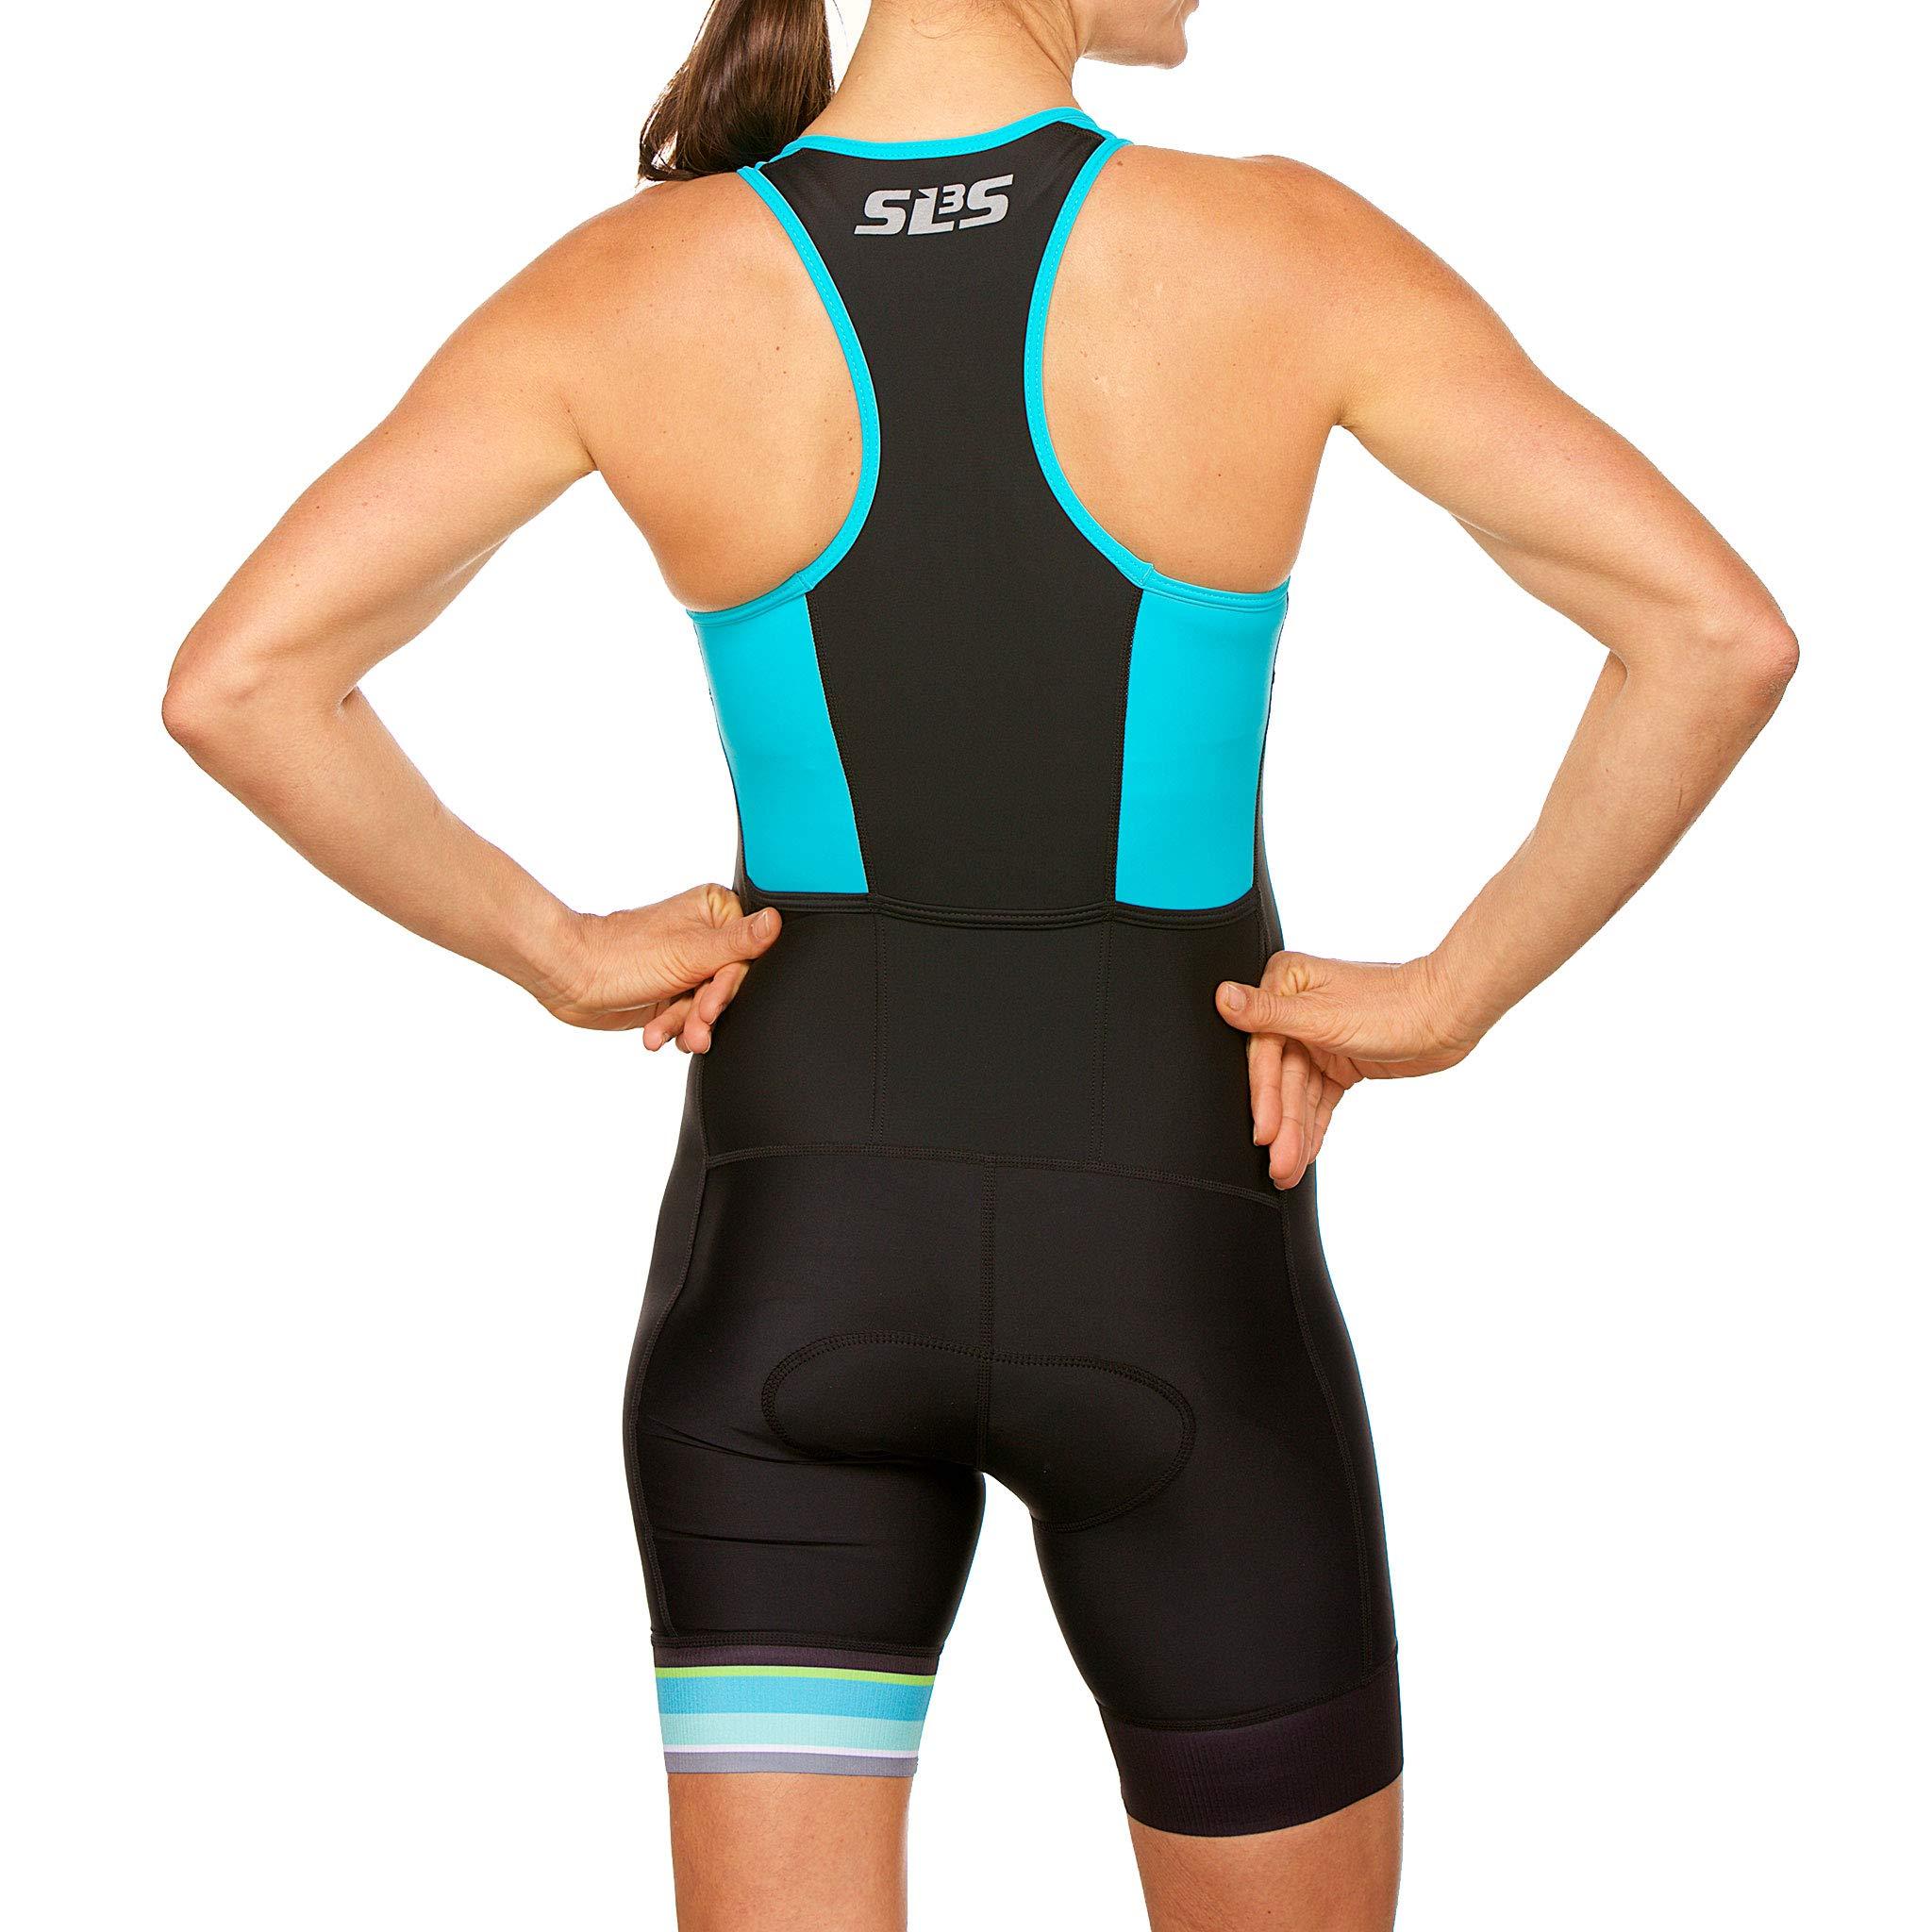 SLS3 Women`s Triathlon Tri Race Suit FRT | Womens Trisuit | Back Pocket Triathlon Suits | Anti-Friction Seams | German Designed (Black/Martinica Blue, XS) by SLS3 (Image #6)